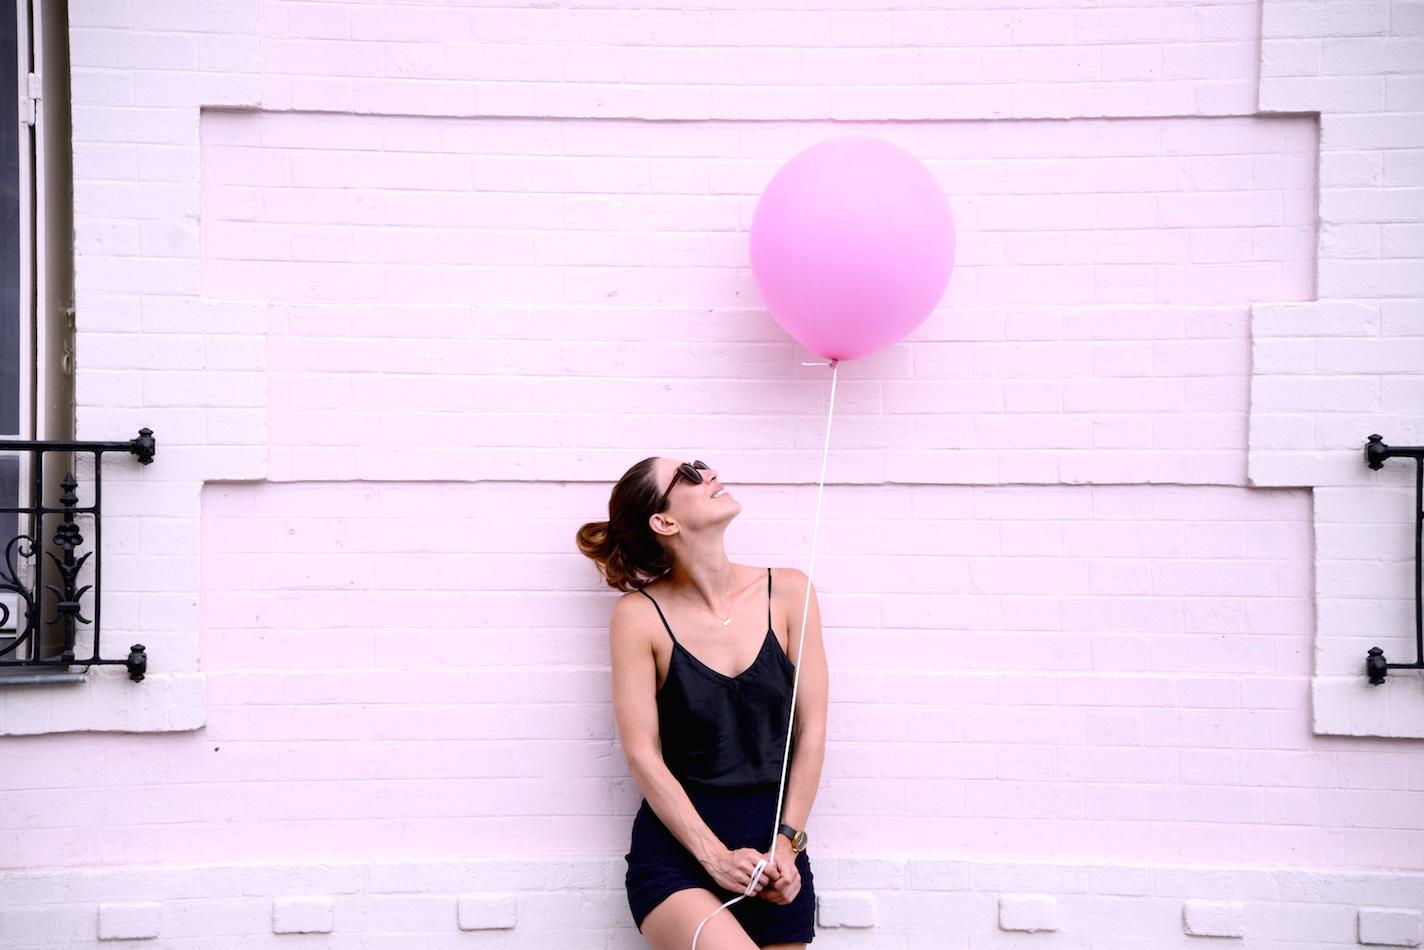 anna-dawson-pink-balloon-theballoondiary